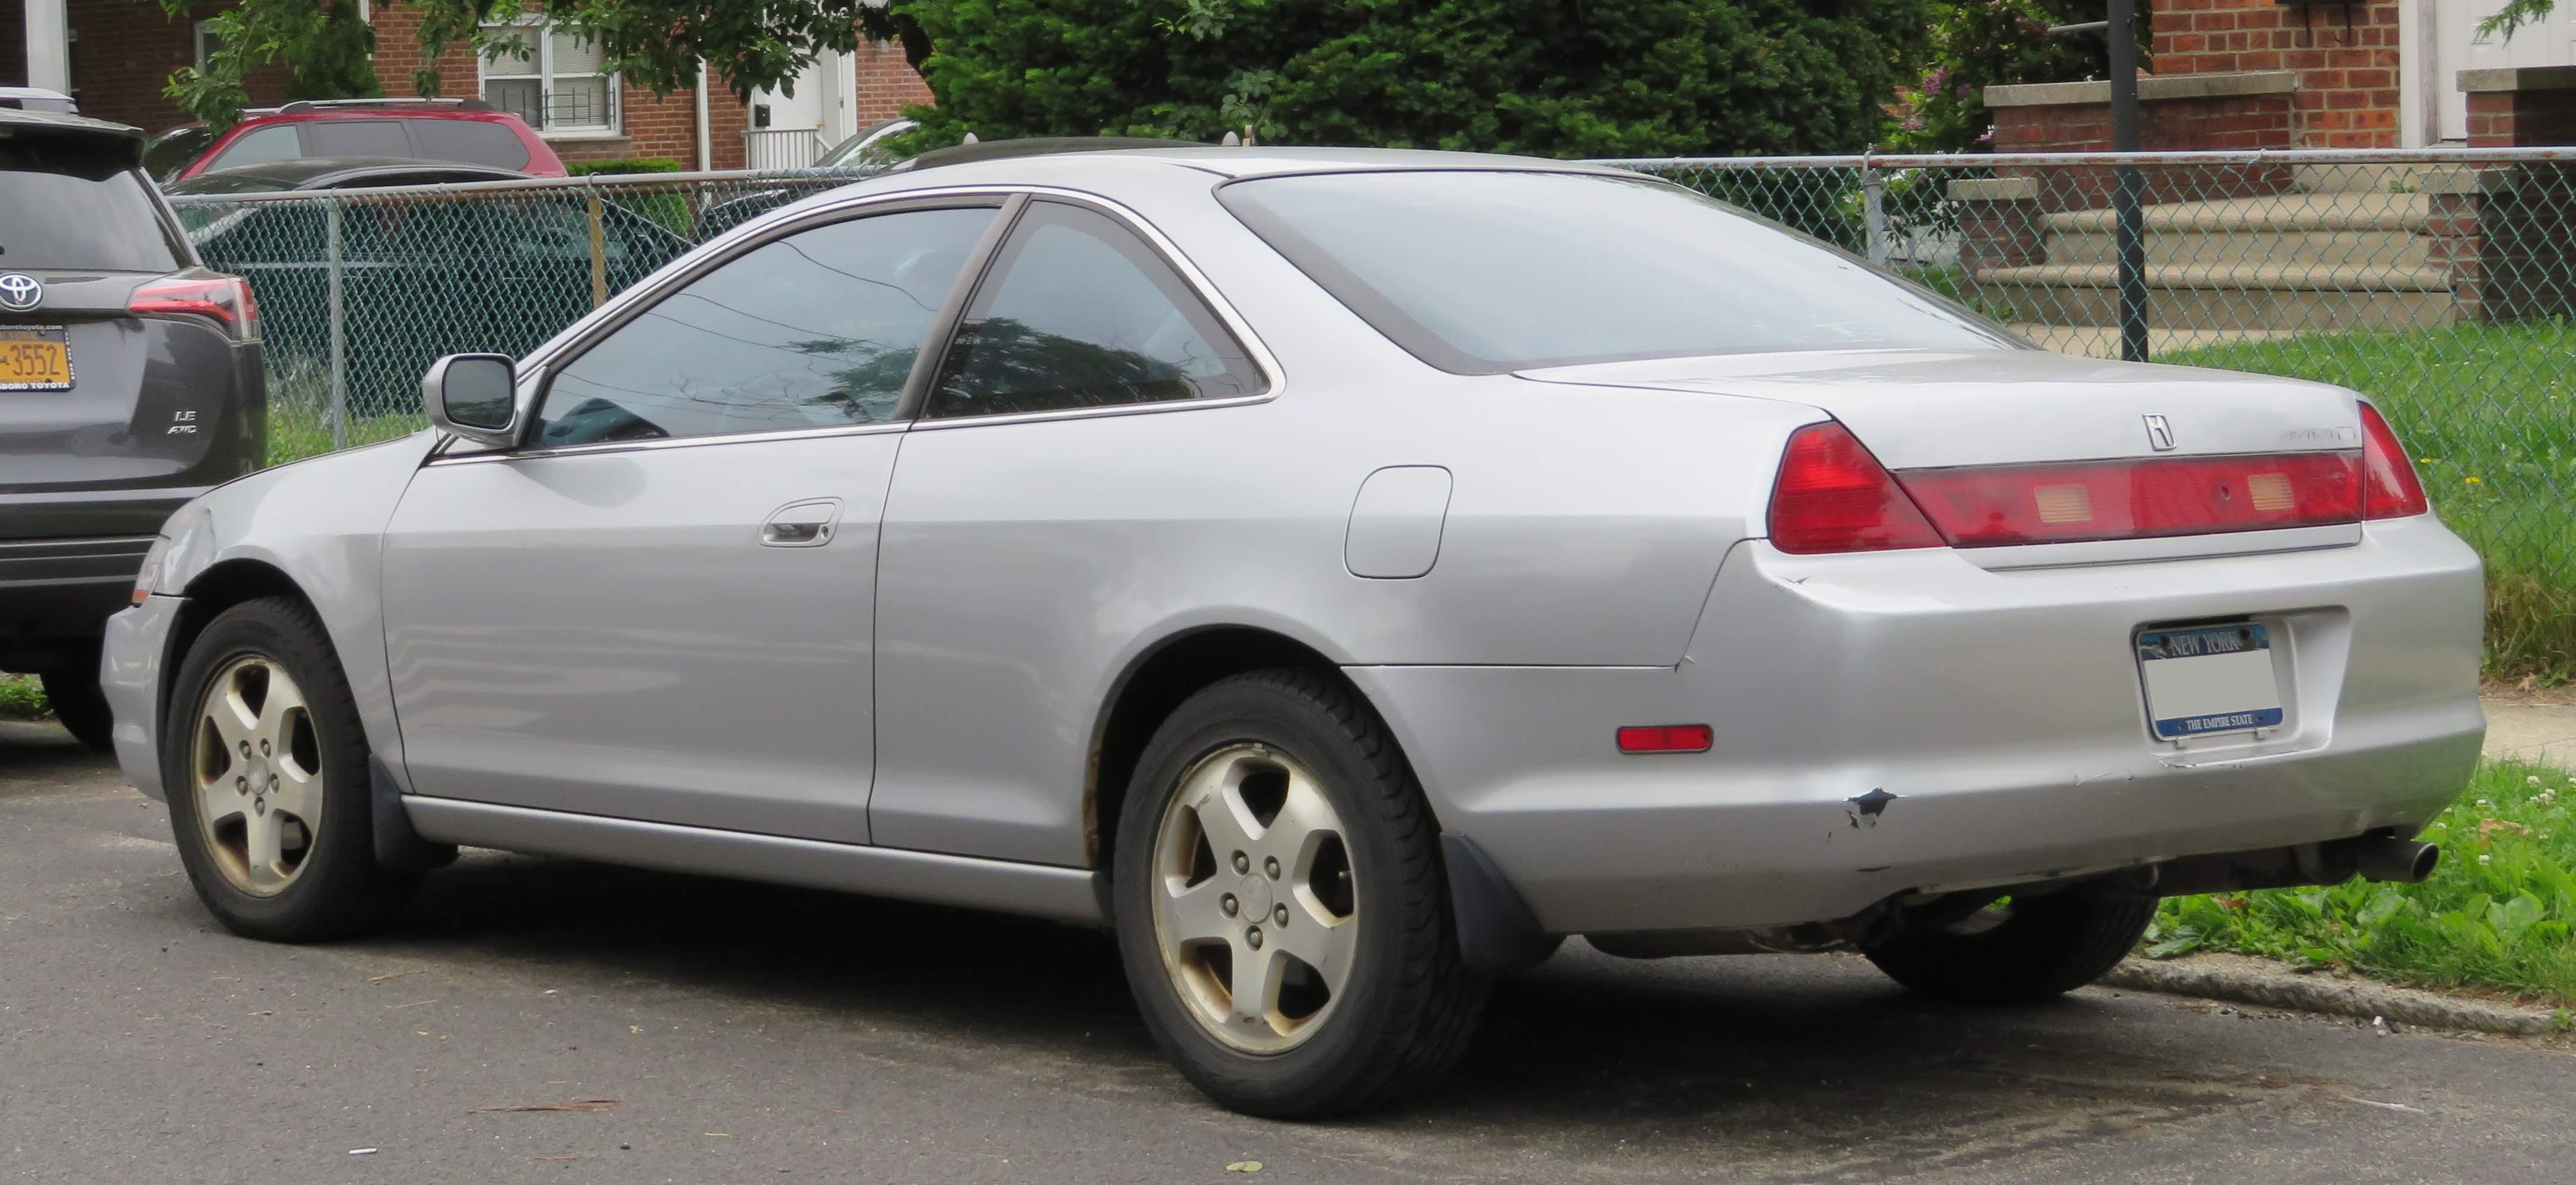 Kelebihan Kekurangan Honda Accord 2000 Tangguh